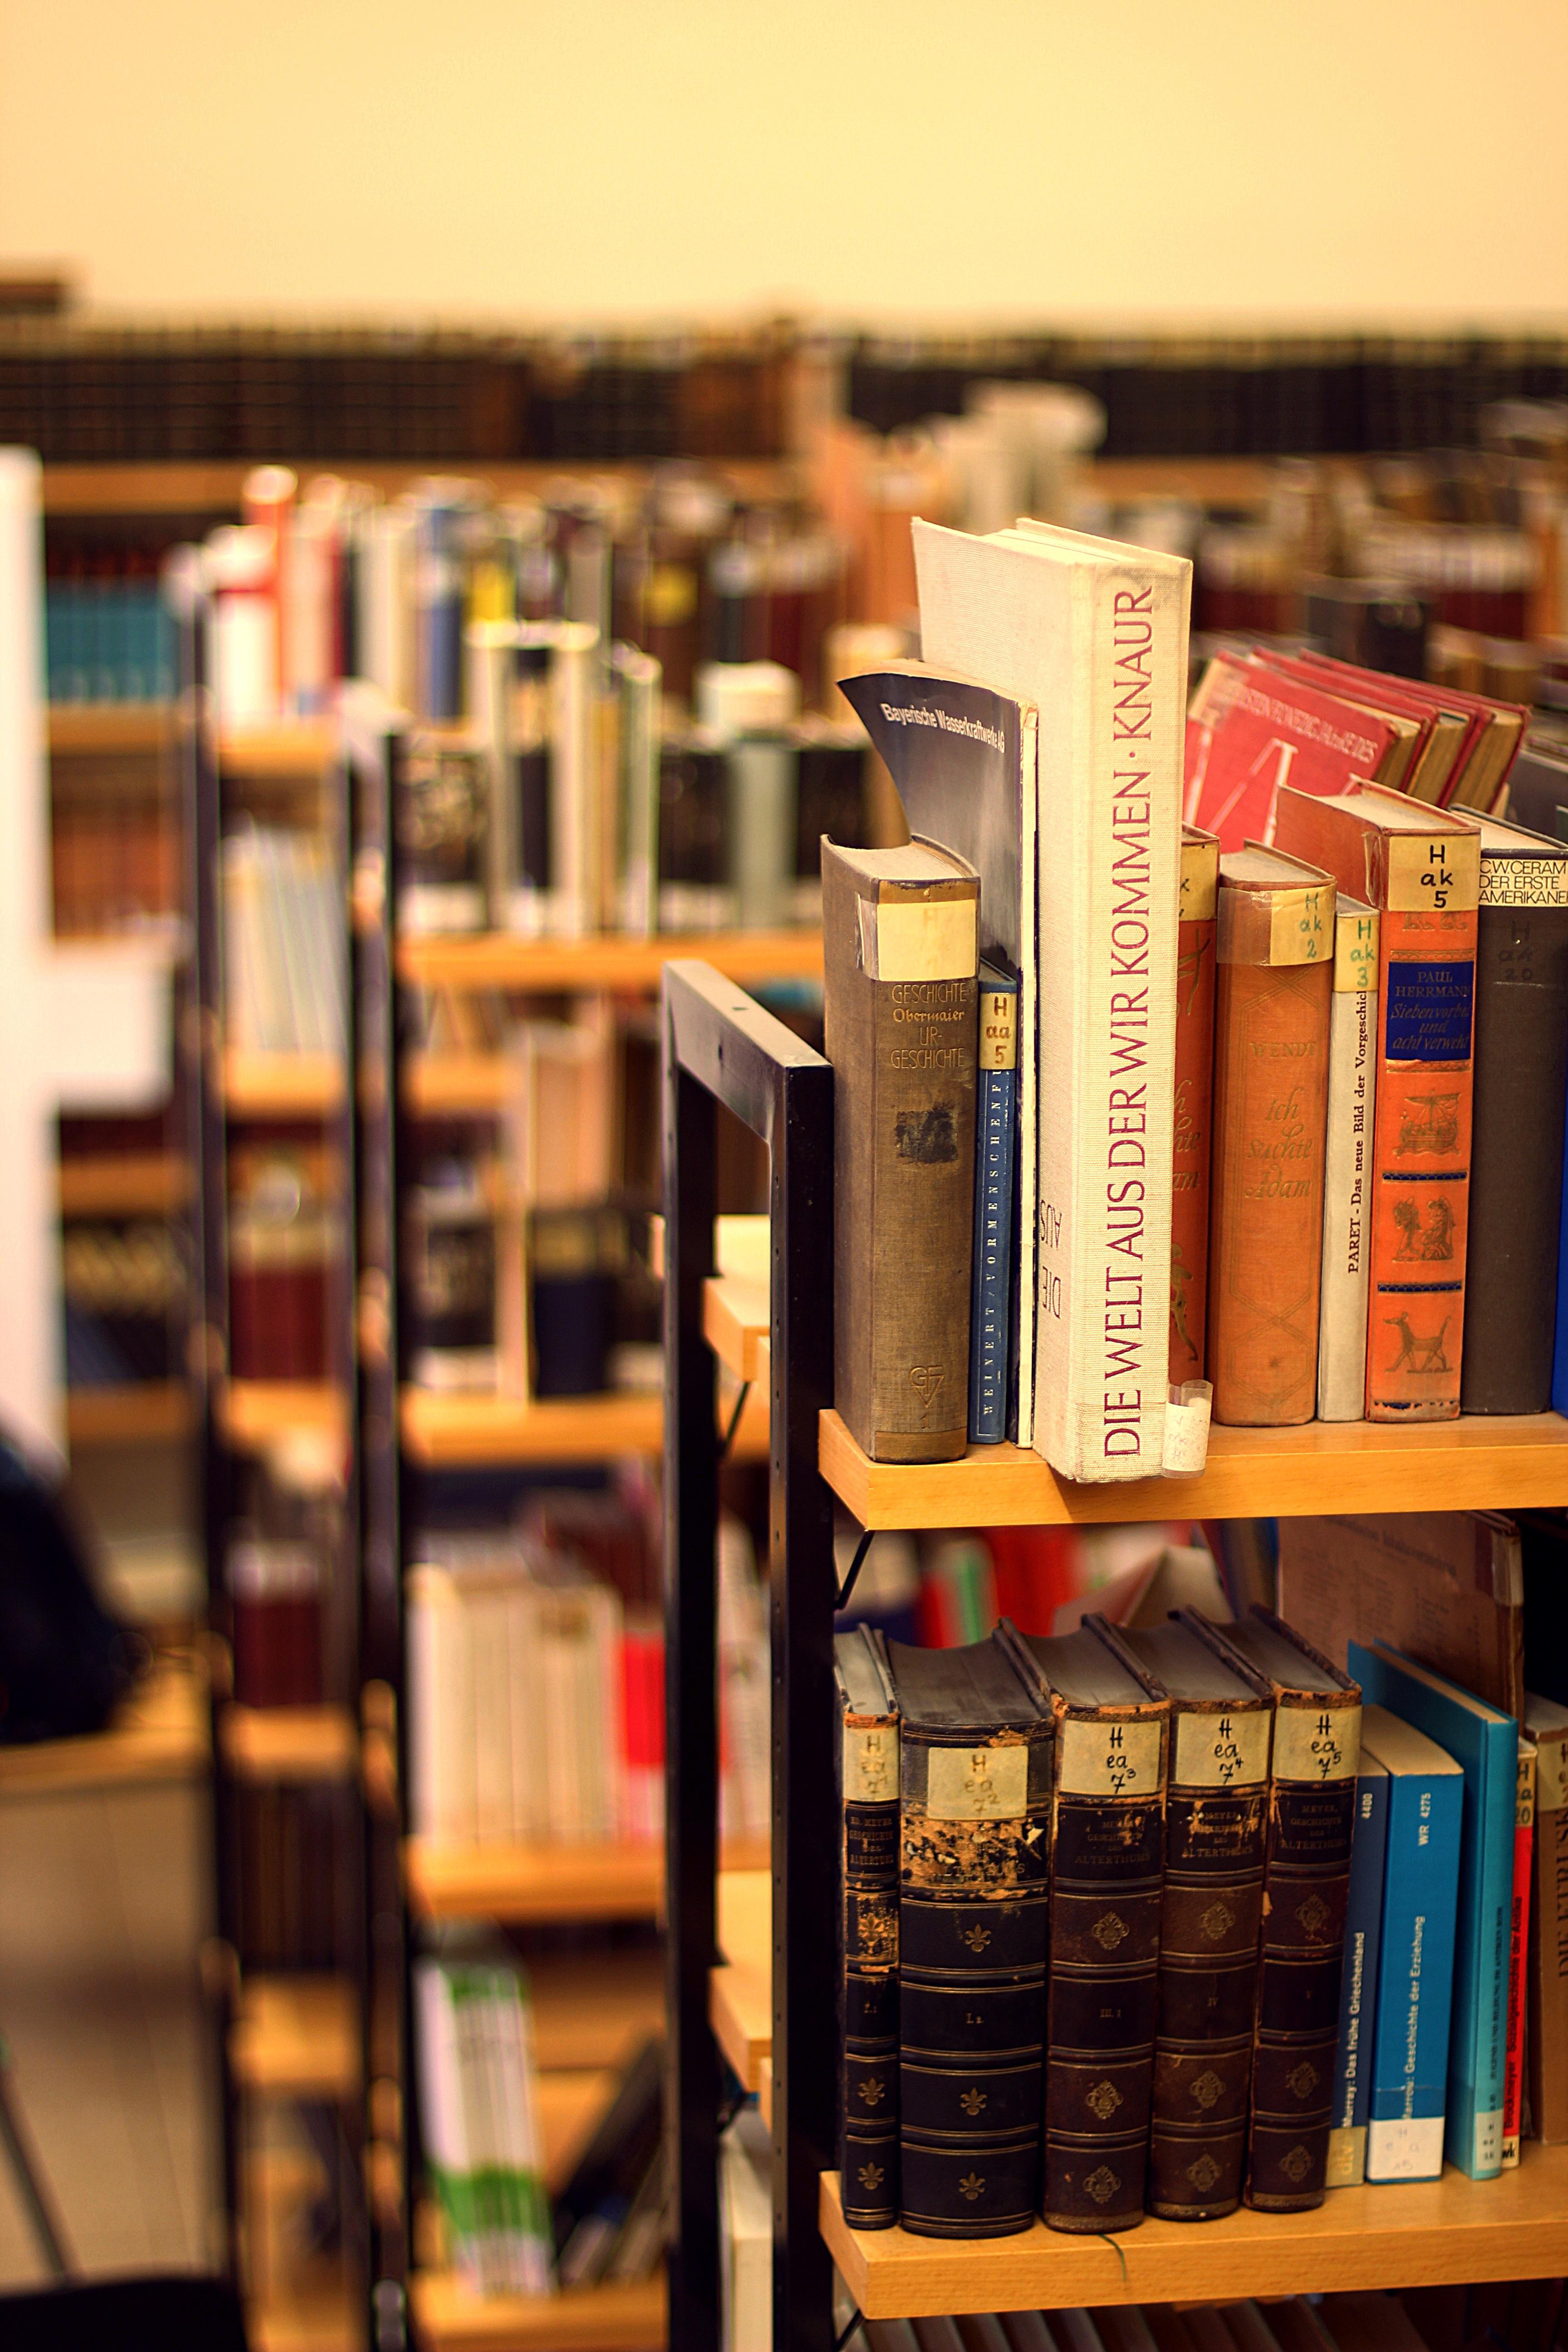 Fotos gratis leer madera cuero estante apilar habitaci n papel educaci n libro de texto fuente librer a literatura estudiar biblioteca